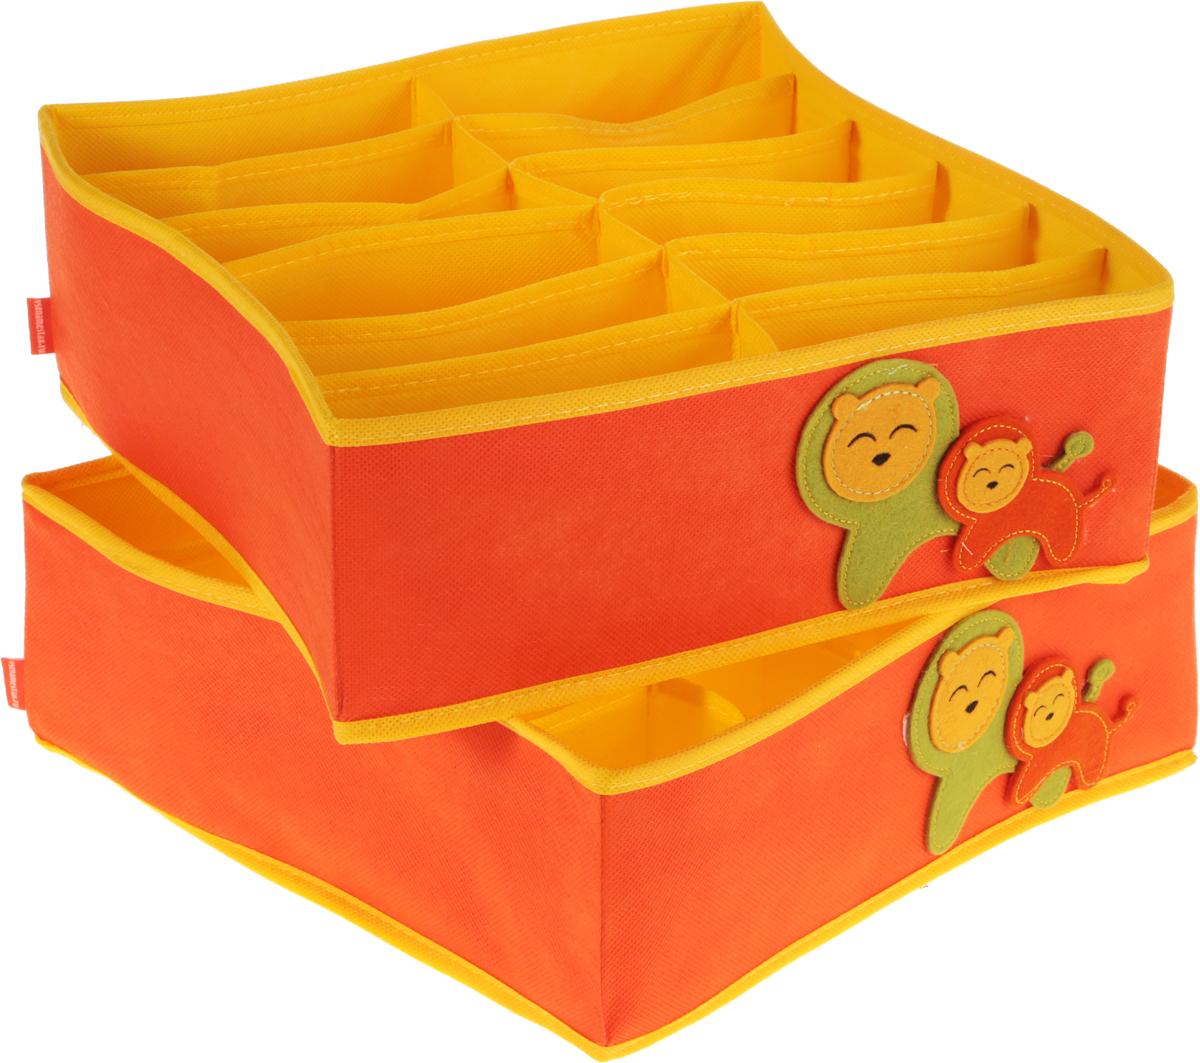 Набор органайзеров для детского белья Все на местах Sunny Jungle, цвет: желтый, оранжевый, 2 штRG-D31SНабор органайзеров для детского белья Все на местах Sunny Jungleвыполнен из спанбонда и ПВХ, дополнен фетровыми аппликациями.В набор входят два органайзера - в первом есть 20 ячеек для мелких вещей (трусиков, колгот, носочков) и одно широкое отделение. Второй органайзер служит для хранения водолазок, теплых колгот, футболок, в нем 12 отделений. Размеры набора позволяют разместить его в любом комоде или на полках в шкафу. Стенки органайзеров укреплены пластиком. В дно вшиты молнии, поэтому их можно быстро сложить, если необходимость в них отпадет. Размеры: органайзер № 1 -32 х 32 х 12 см, 12 продольных ячеек размером 16 х 5,3 см;органайзер № 2:32 х 32 х 12,1 см, продольная ячейка 32 х 6,4 см; 20 квадратных ячеек размером 6,4 х 6,4 см.